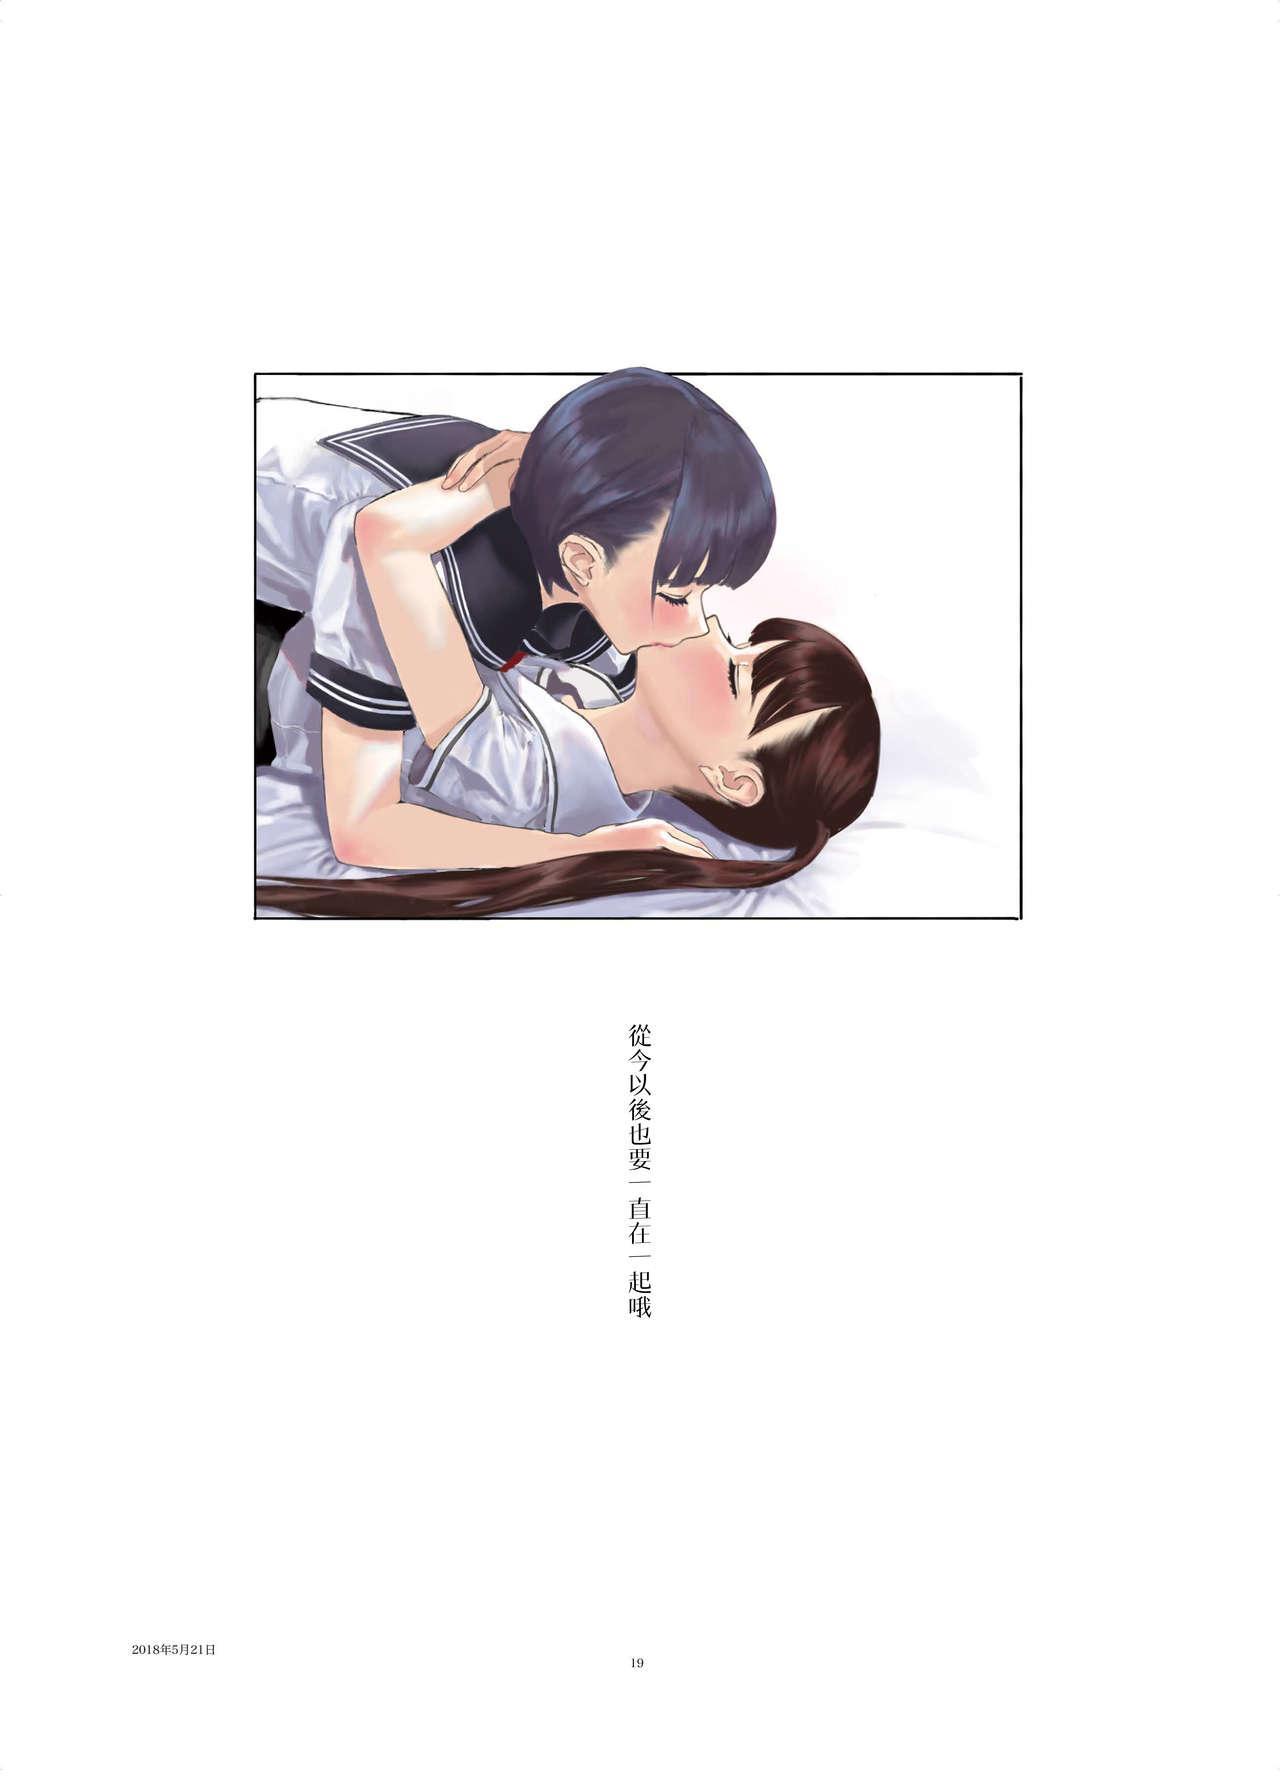 Josei Douseiai Matome 1 丨 女性同性愛合集 1 21